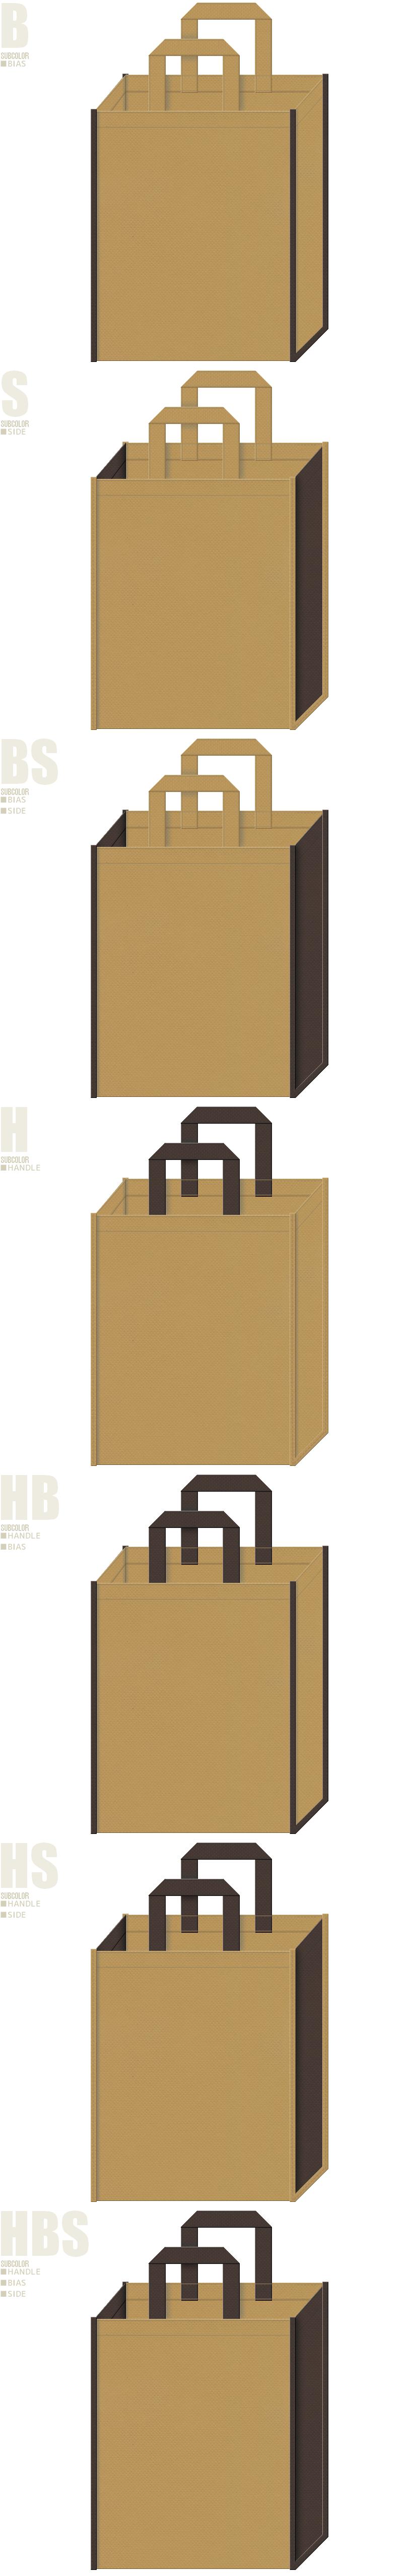 珈琲ロール・ログハウス・石窯・陶器・DIYの展示会用バッグにお奨めの不織布バッグデザイン。金黄土色とこげ茶色の不織布バッグ配色7パターン。